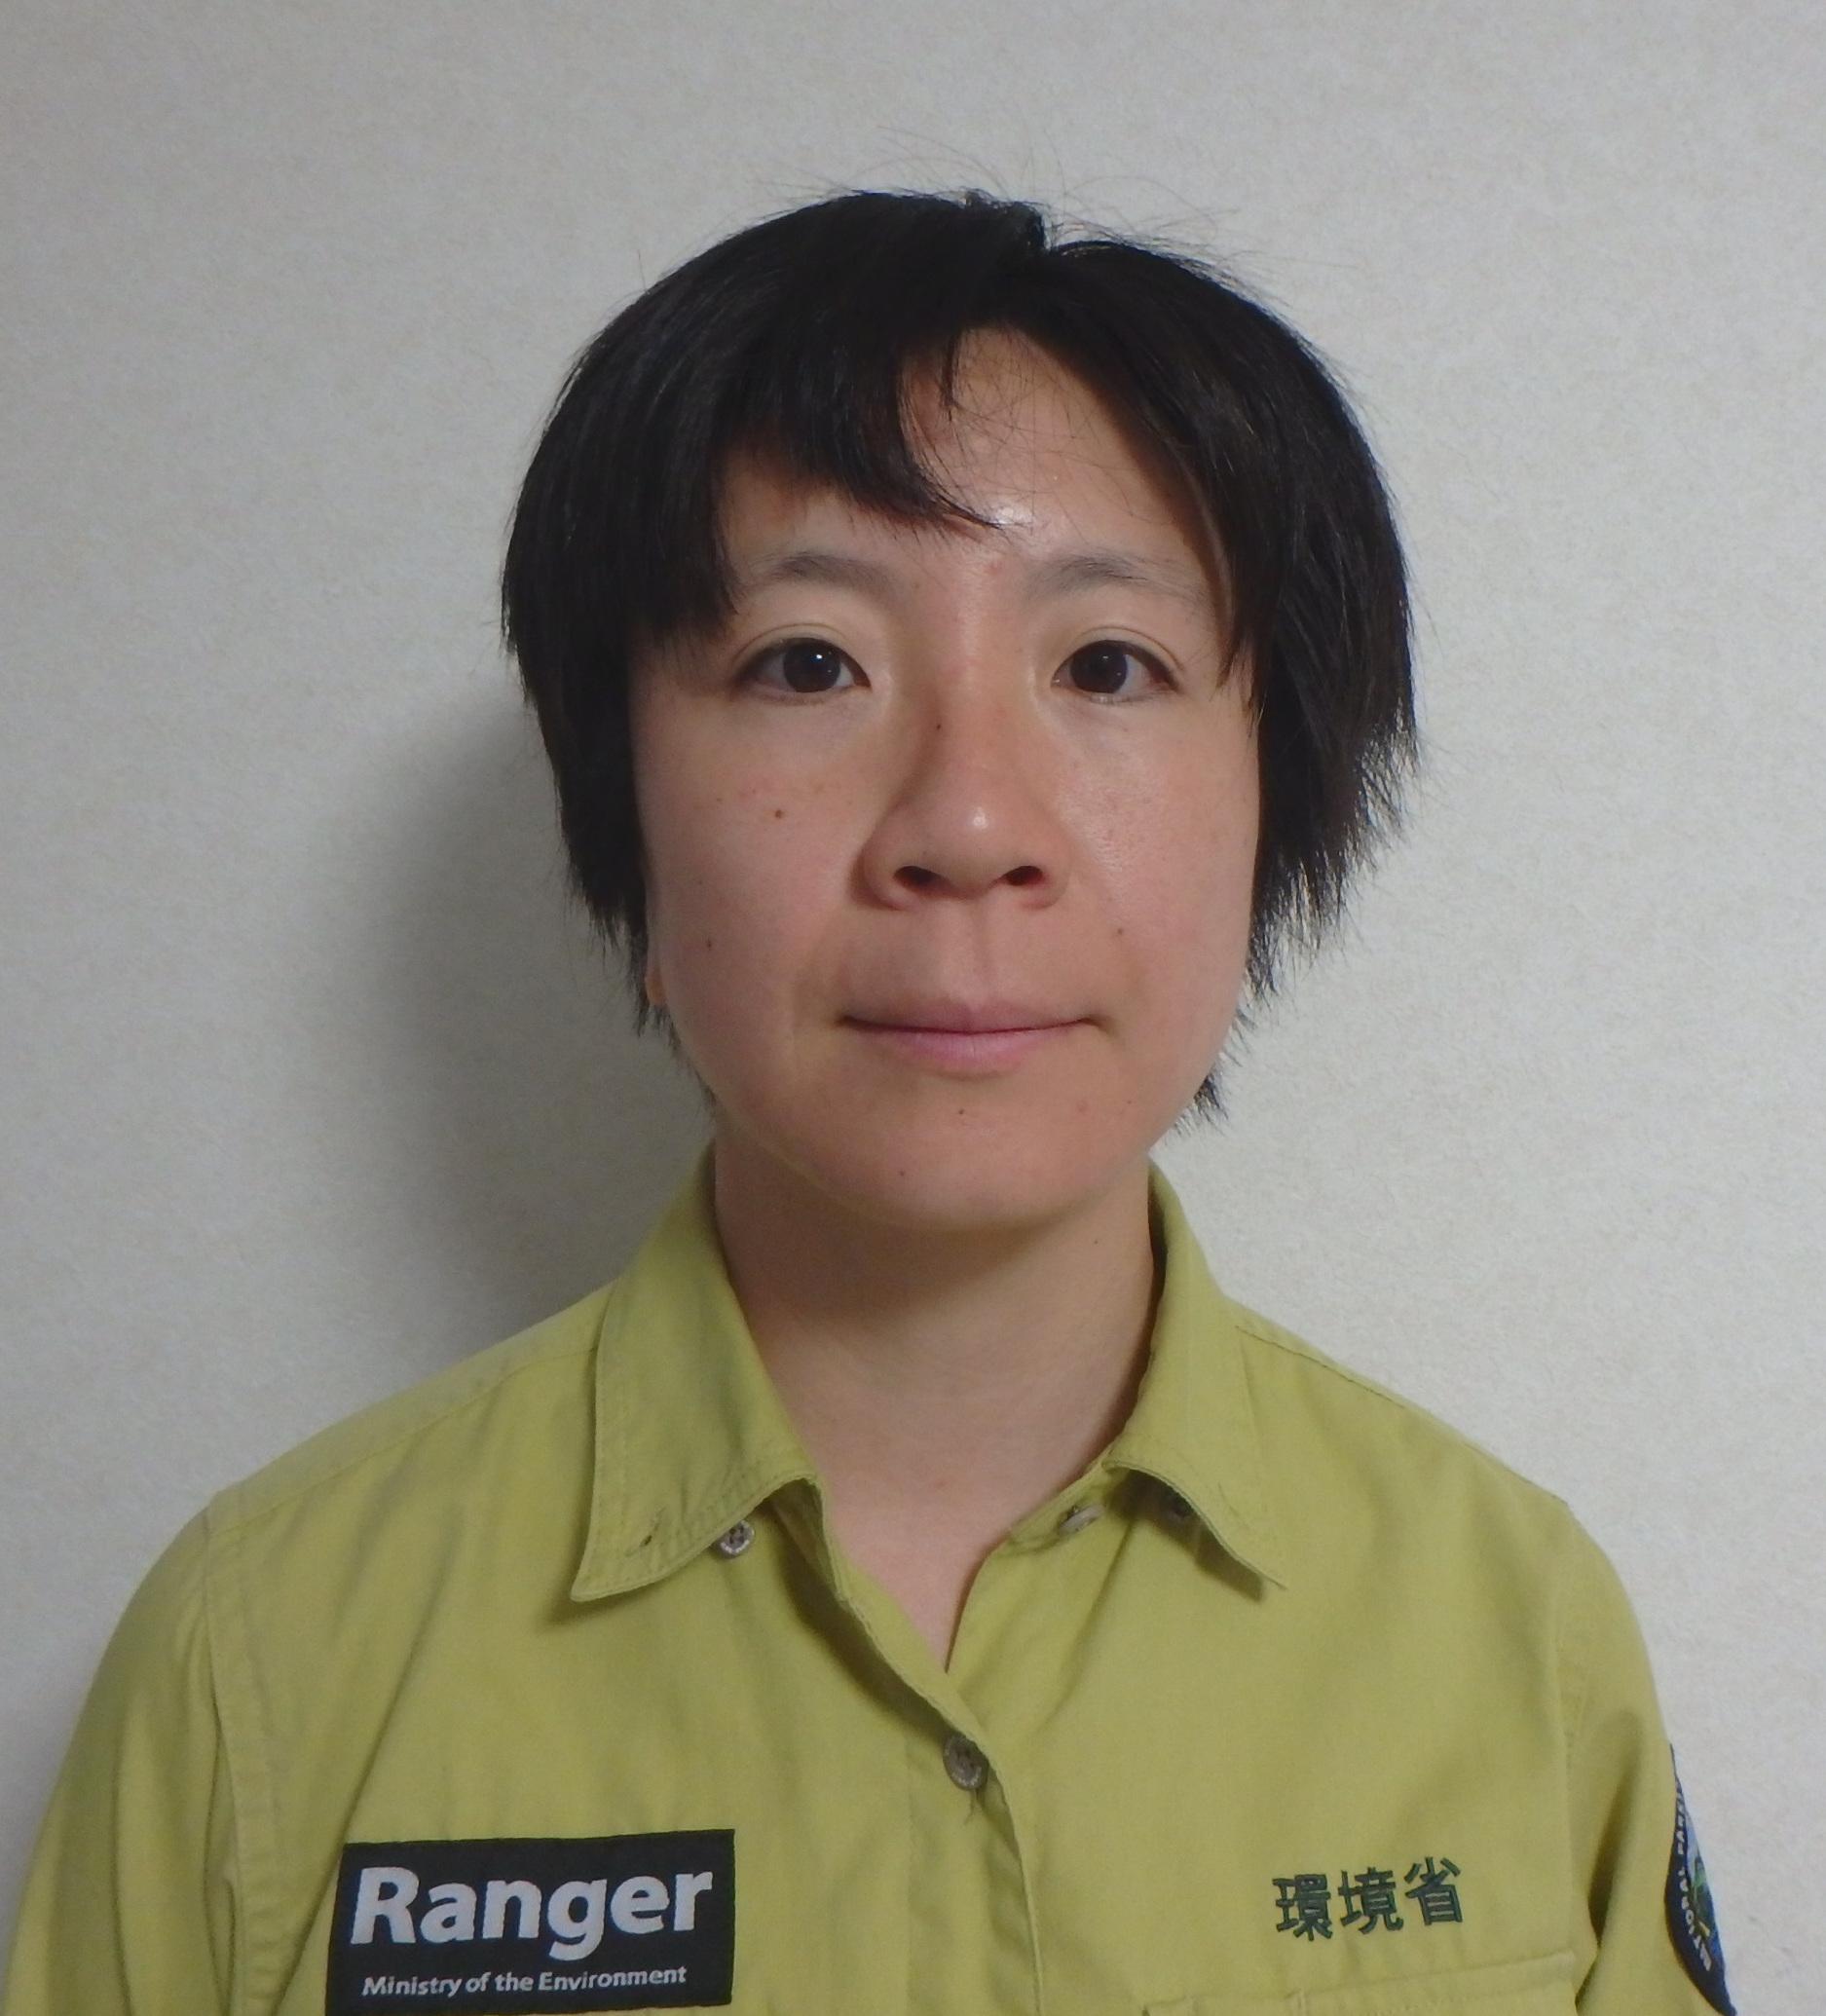 鳥海南麓自然保護官事務所 自然保護官 澤野歩美 氏